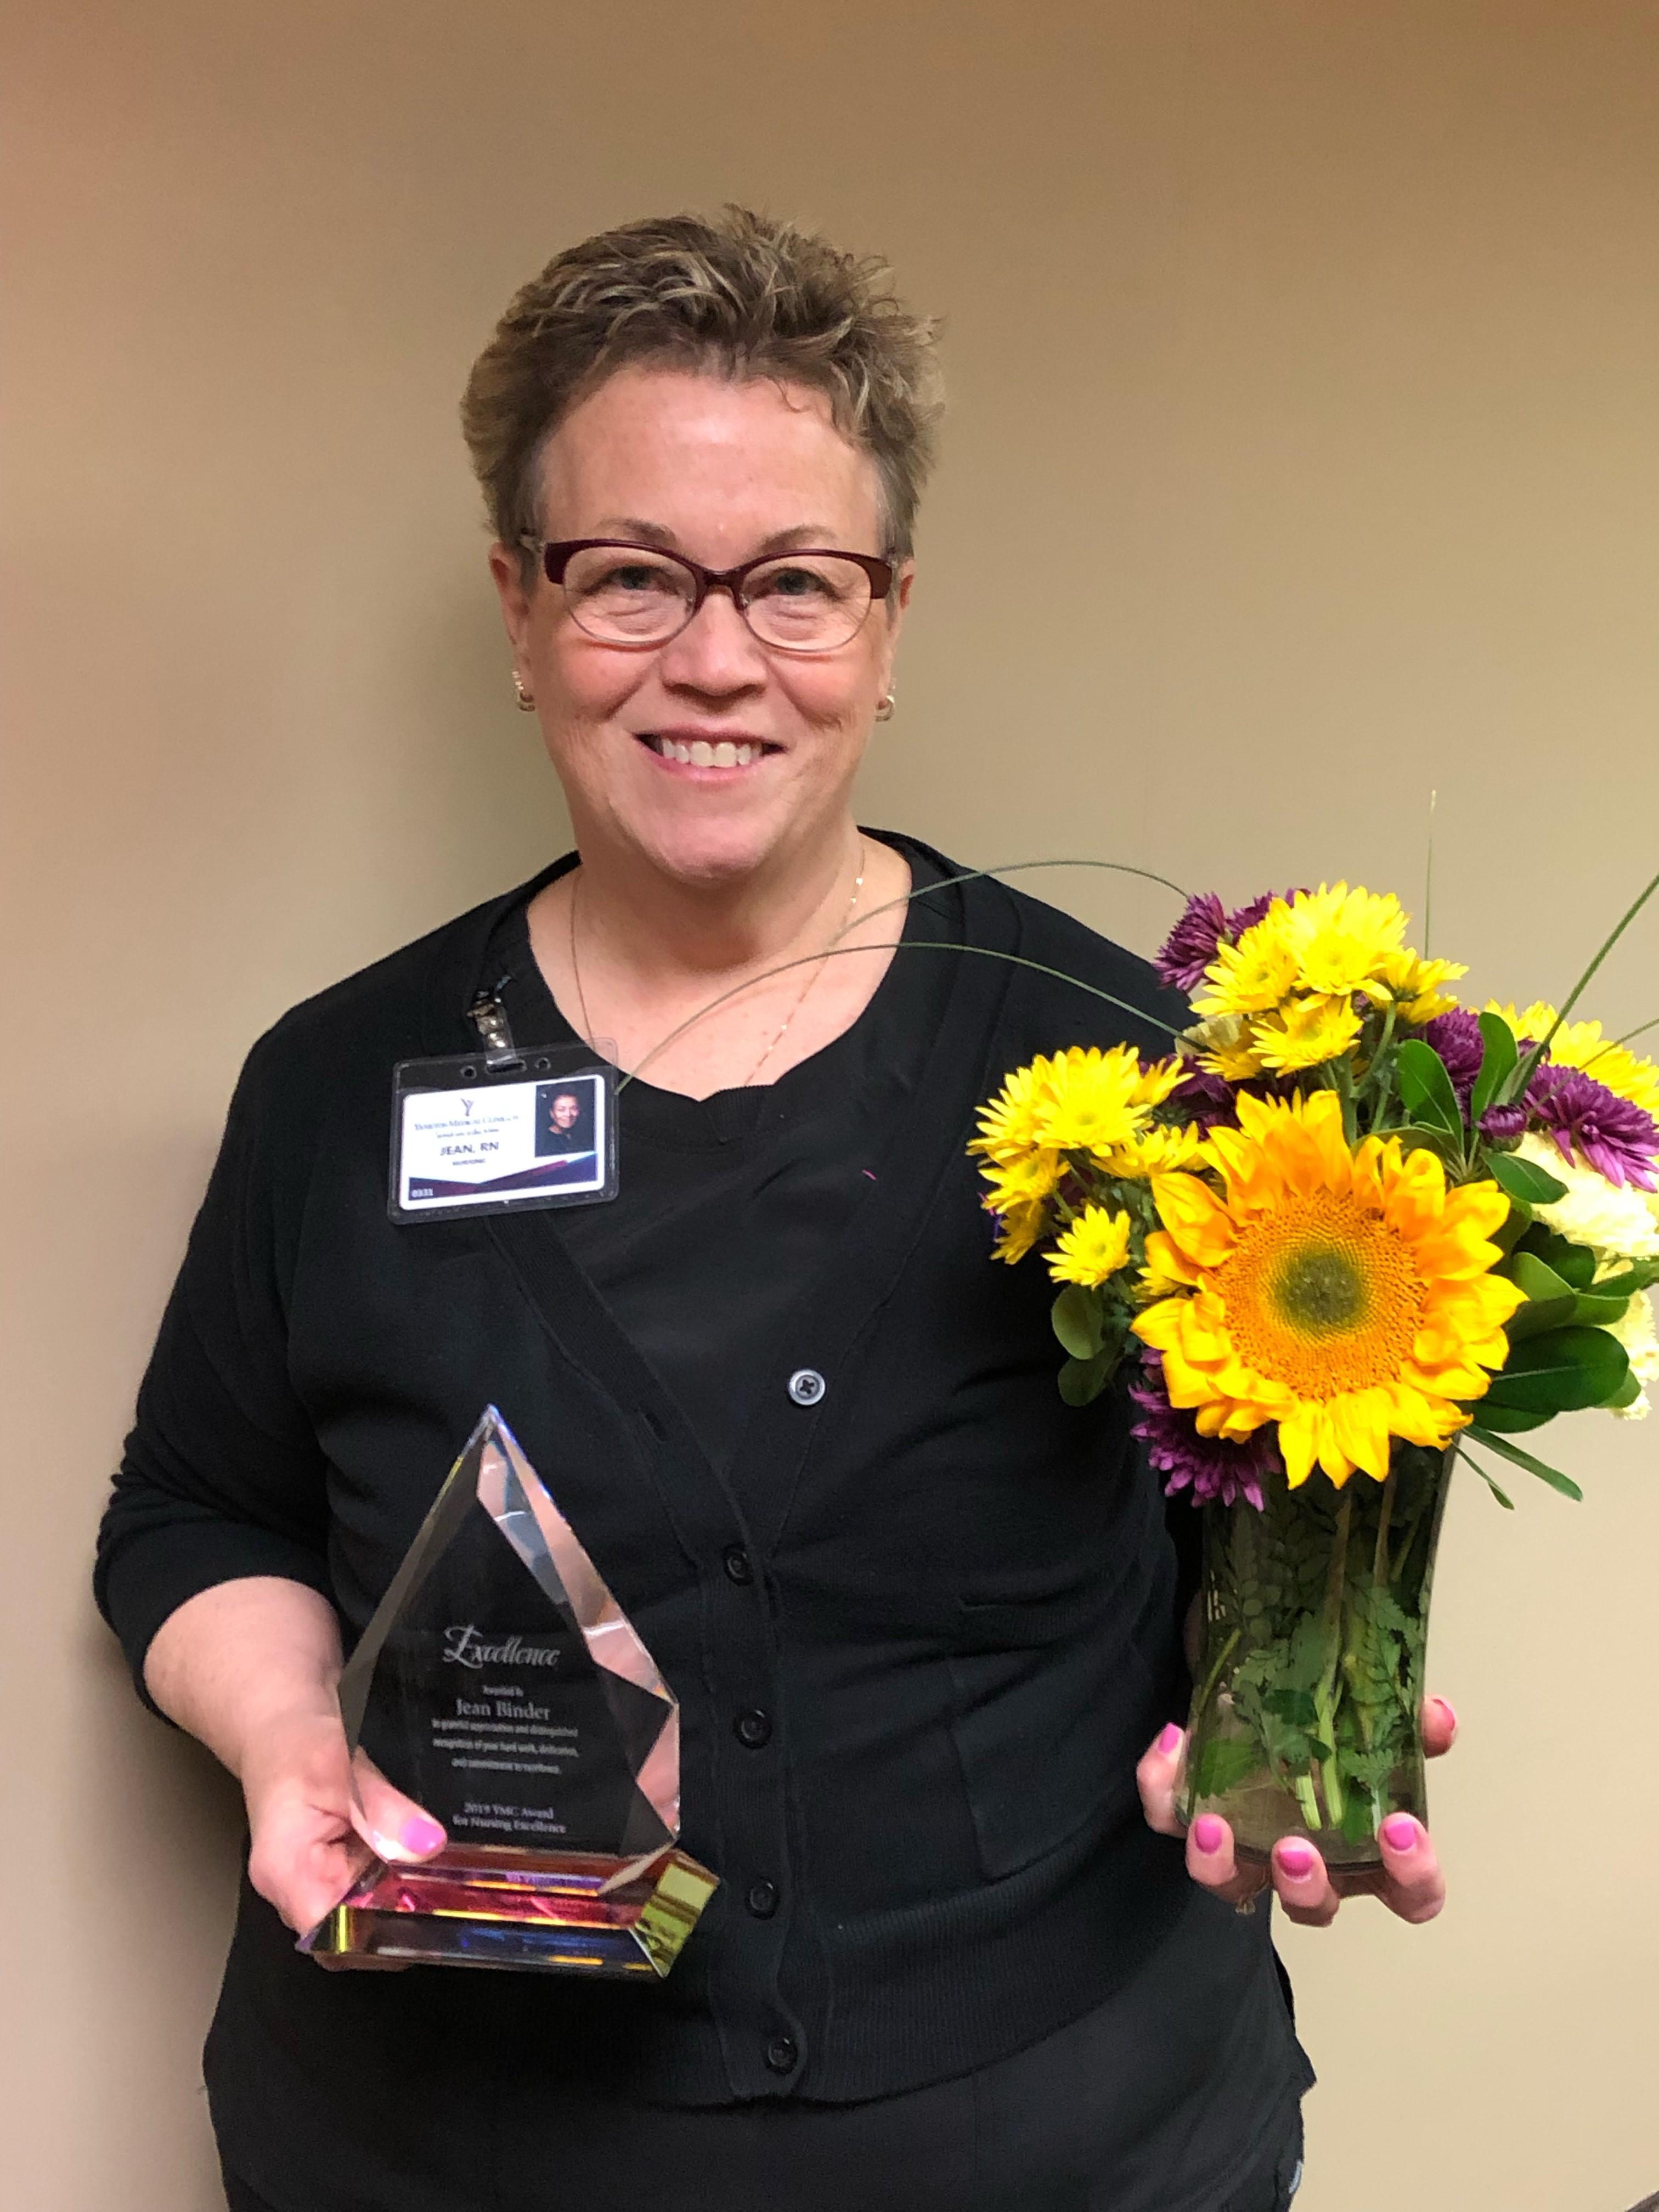 Jean Binder Receives Award for Nursing Excellence